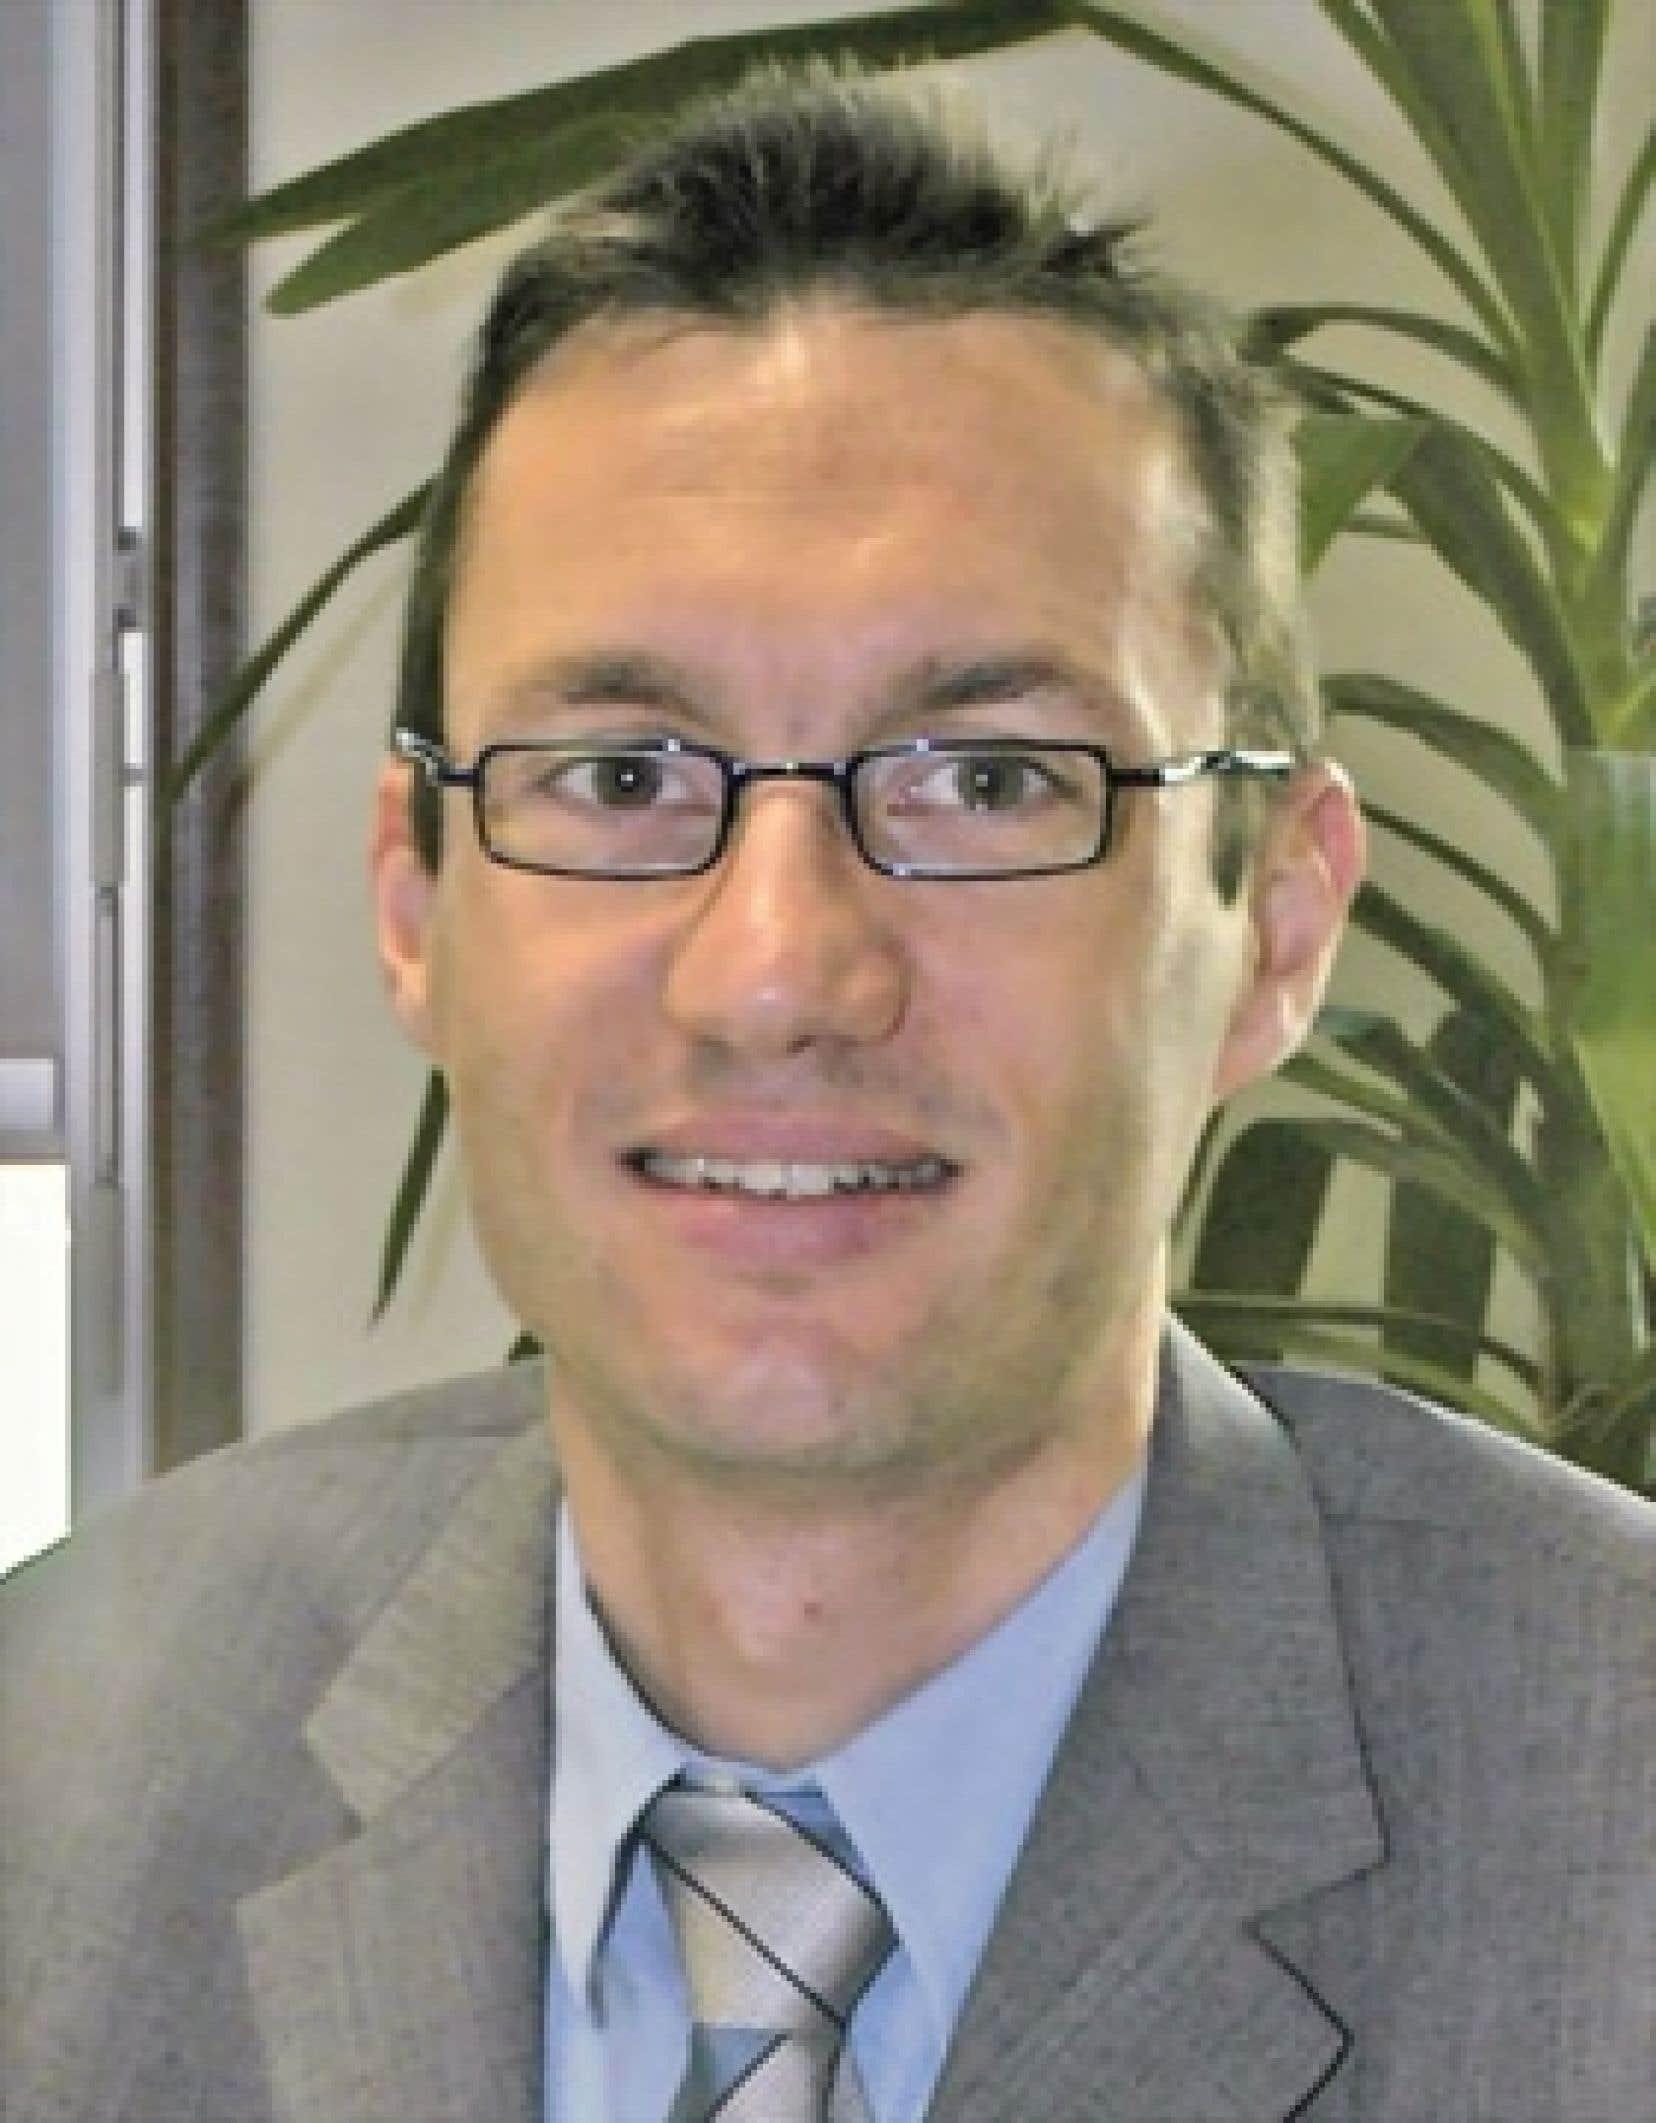 Pierre Hirtzberger, chef du service de développement de la Direction des résidus urbains de Lille Métropole Communauté urbaine